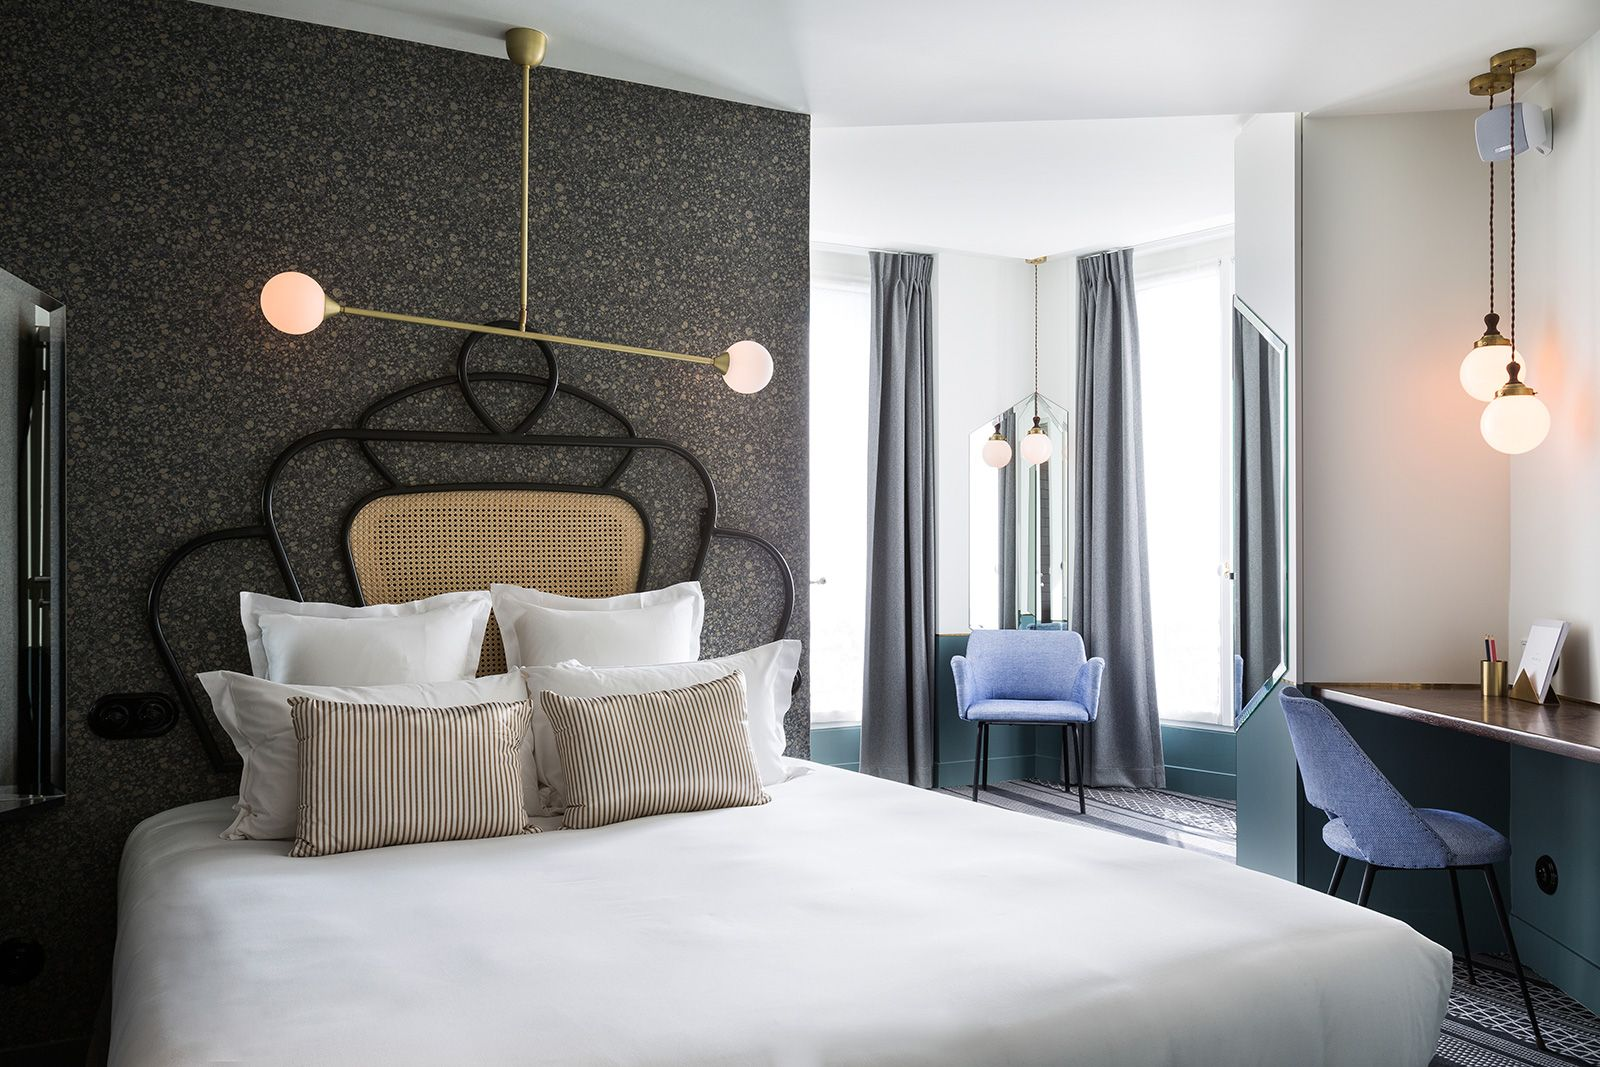 h tel panache chambre double sup rieure guide trip en. Black Bedroom Furniture Sets. Home Design Ideas